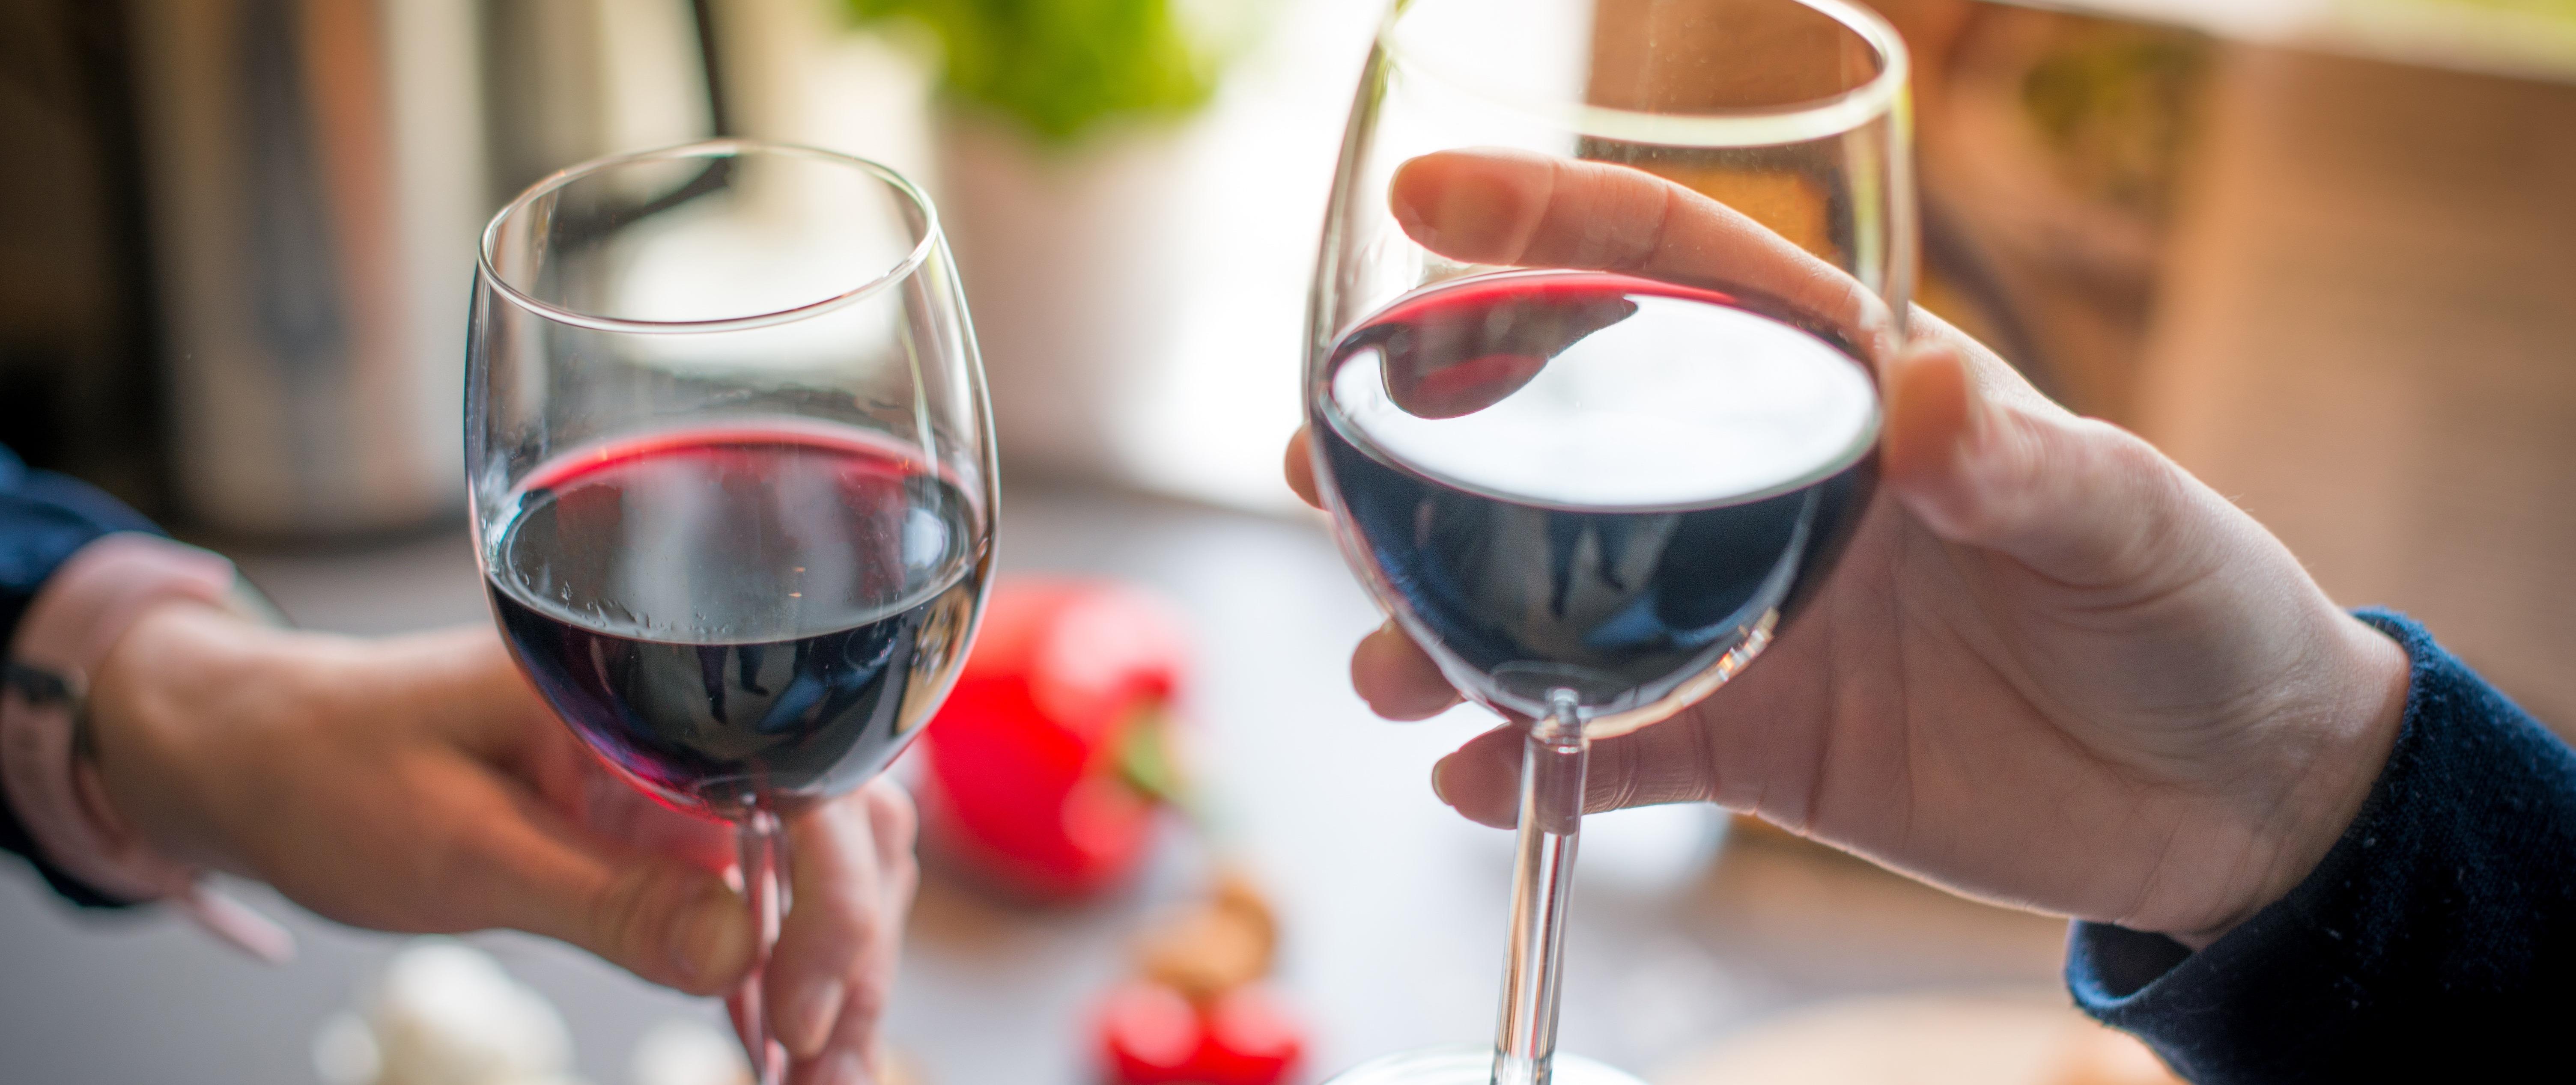 Masterclass - Vinho e Saúde - Verdades e Mitos